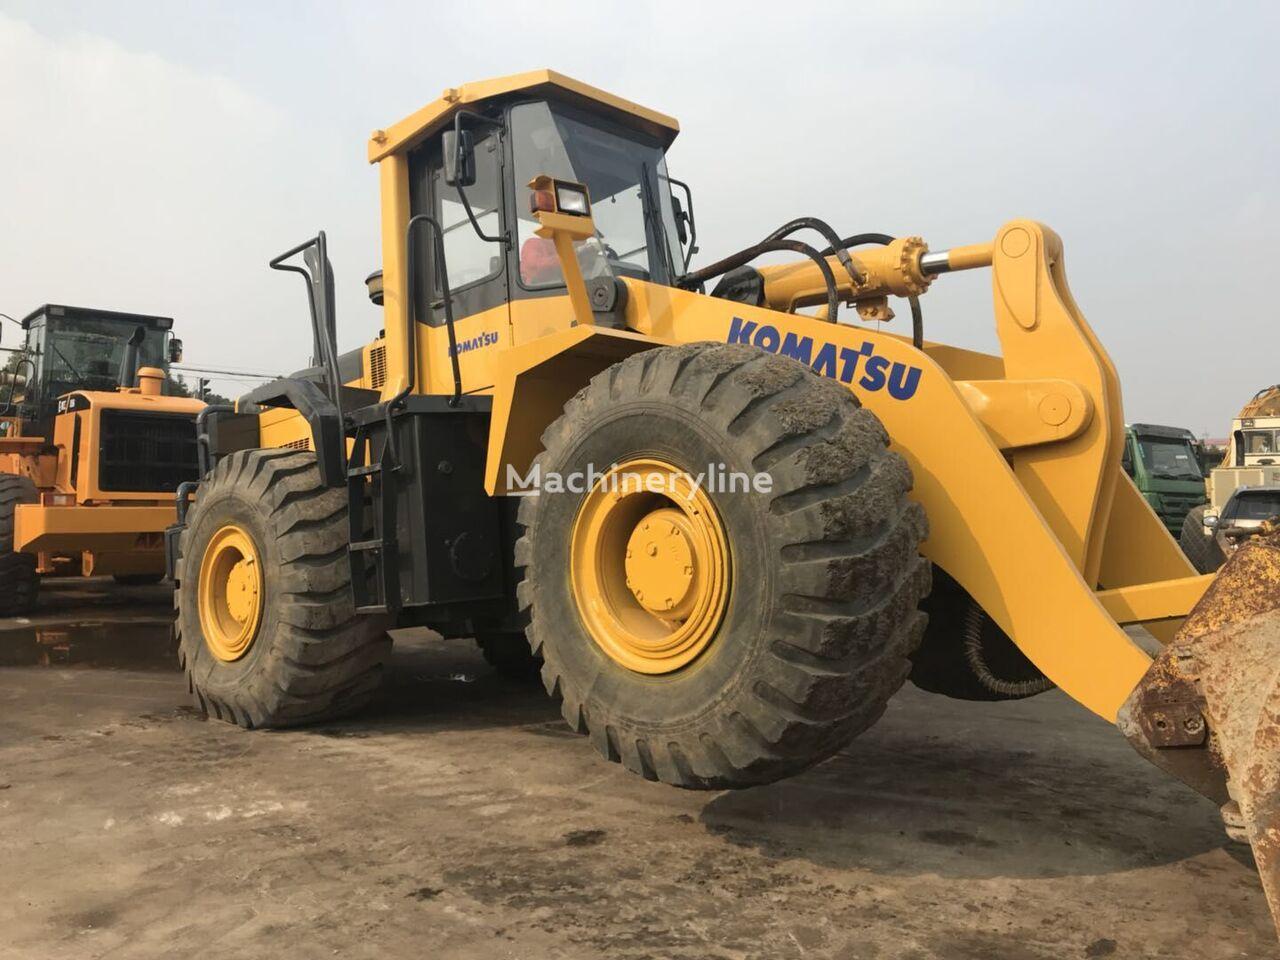 KOMATSU WA470 cargadora de ruedas